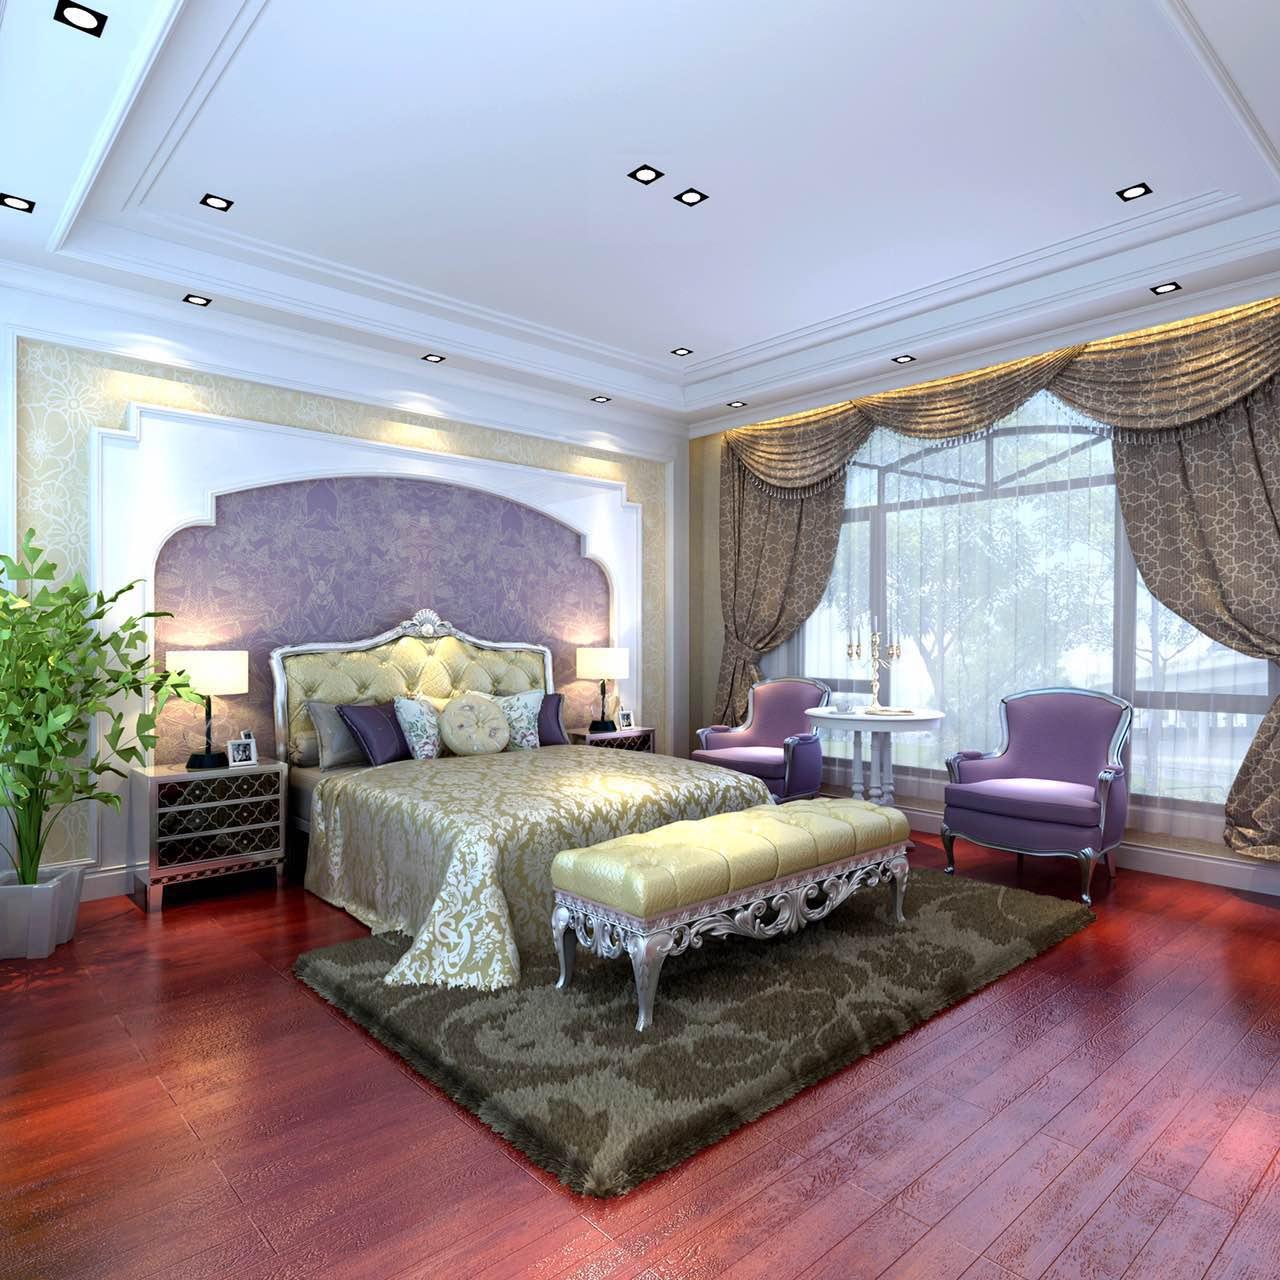 卧室装修必知的9个细节,做到了,幸福指数秒速提升! 